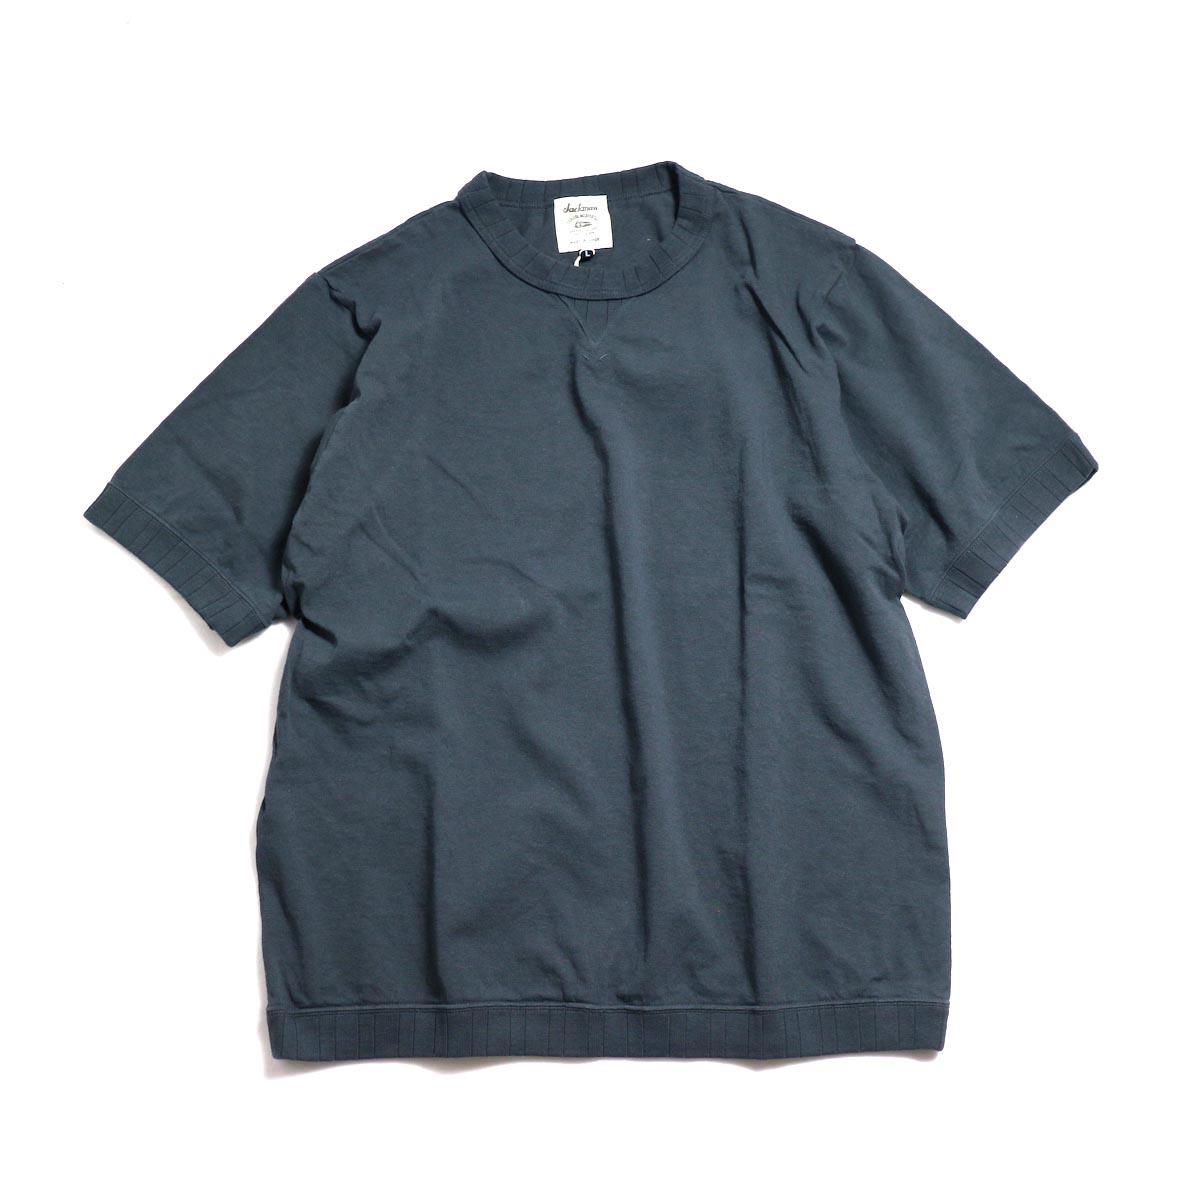 Jackman / Rib T-Shirt -Dark Gray